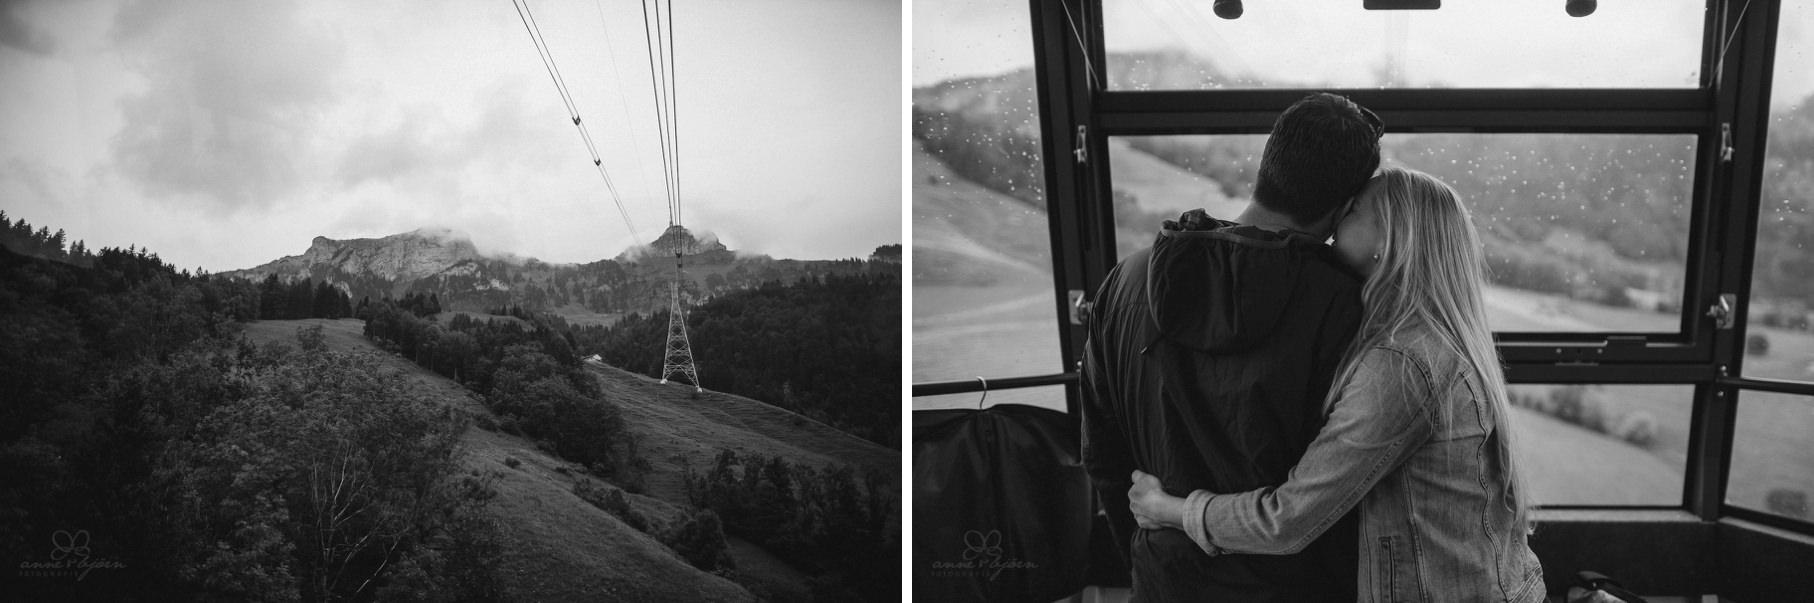 0004 anne und bjoern suc schweiz d75 2879 - After Wedding Shooting in der Schweiz - Sabrina & Christoph